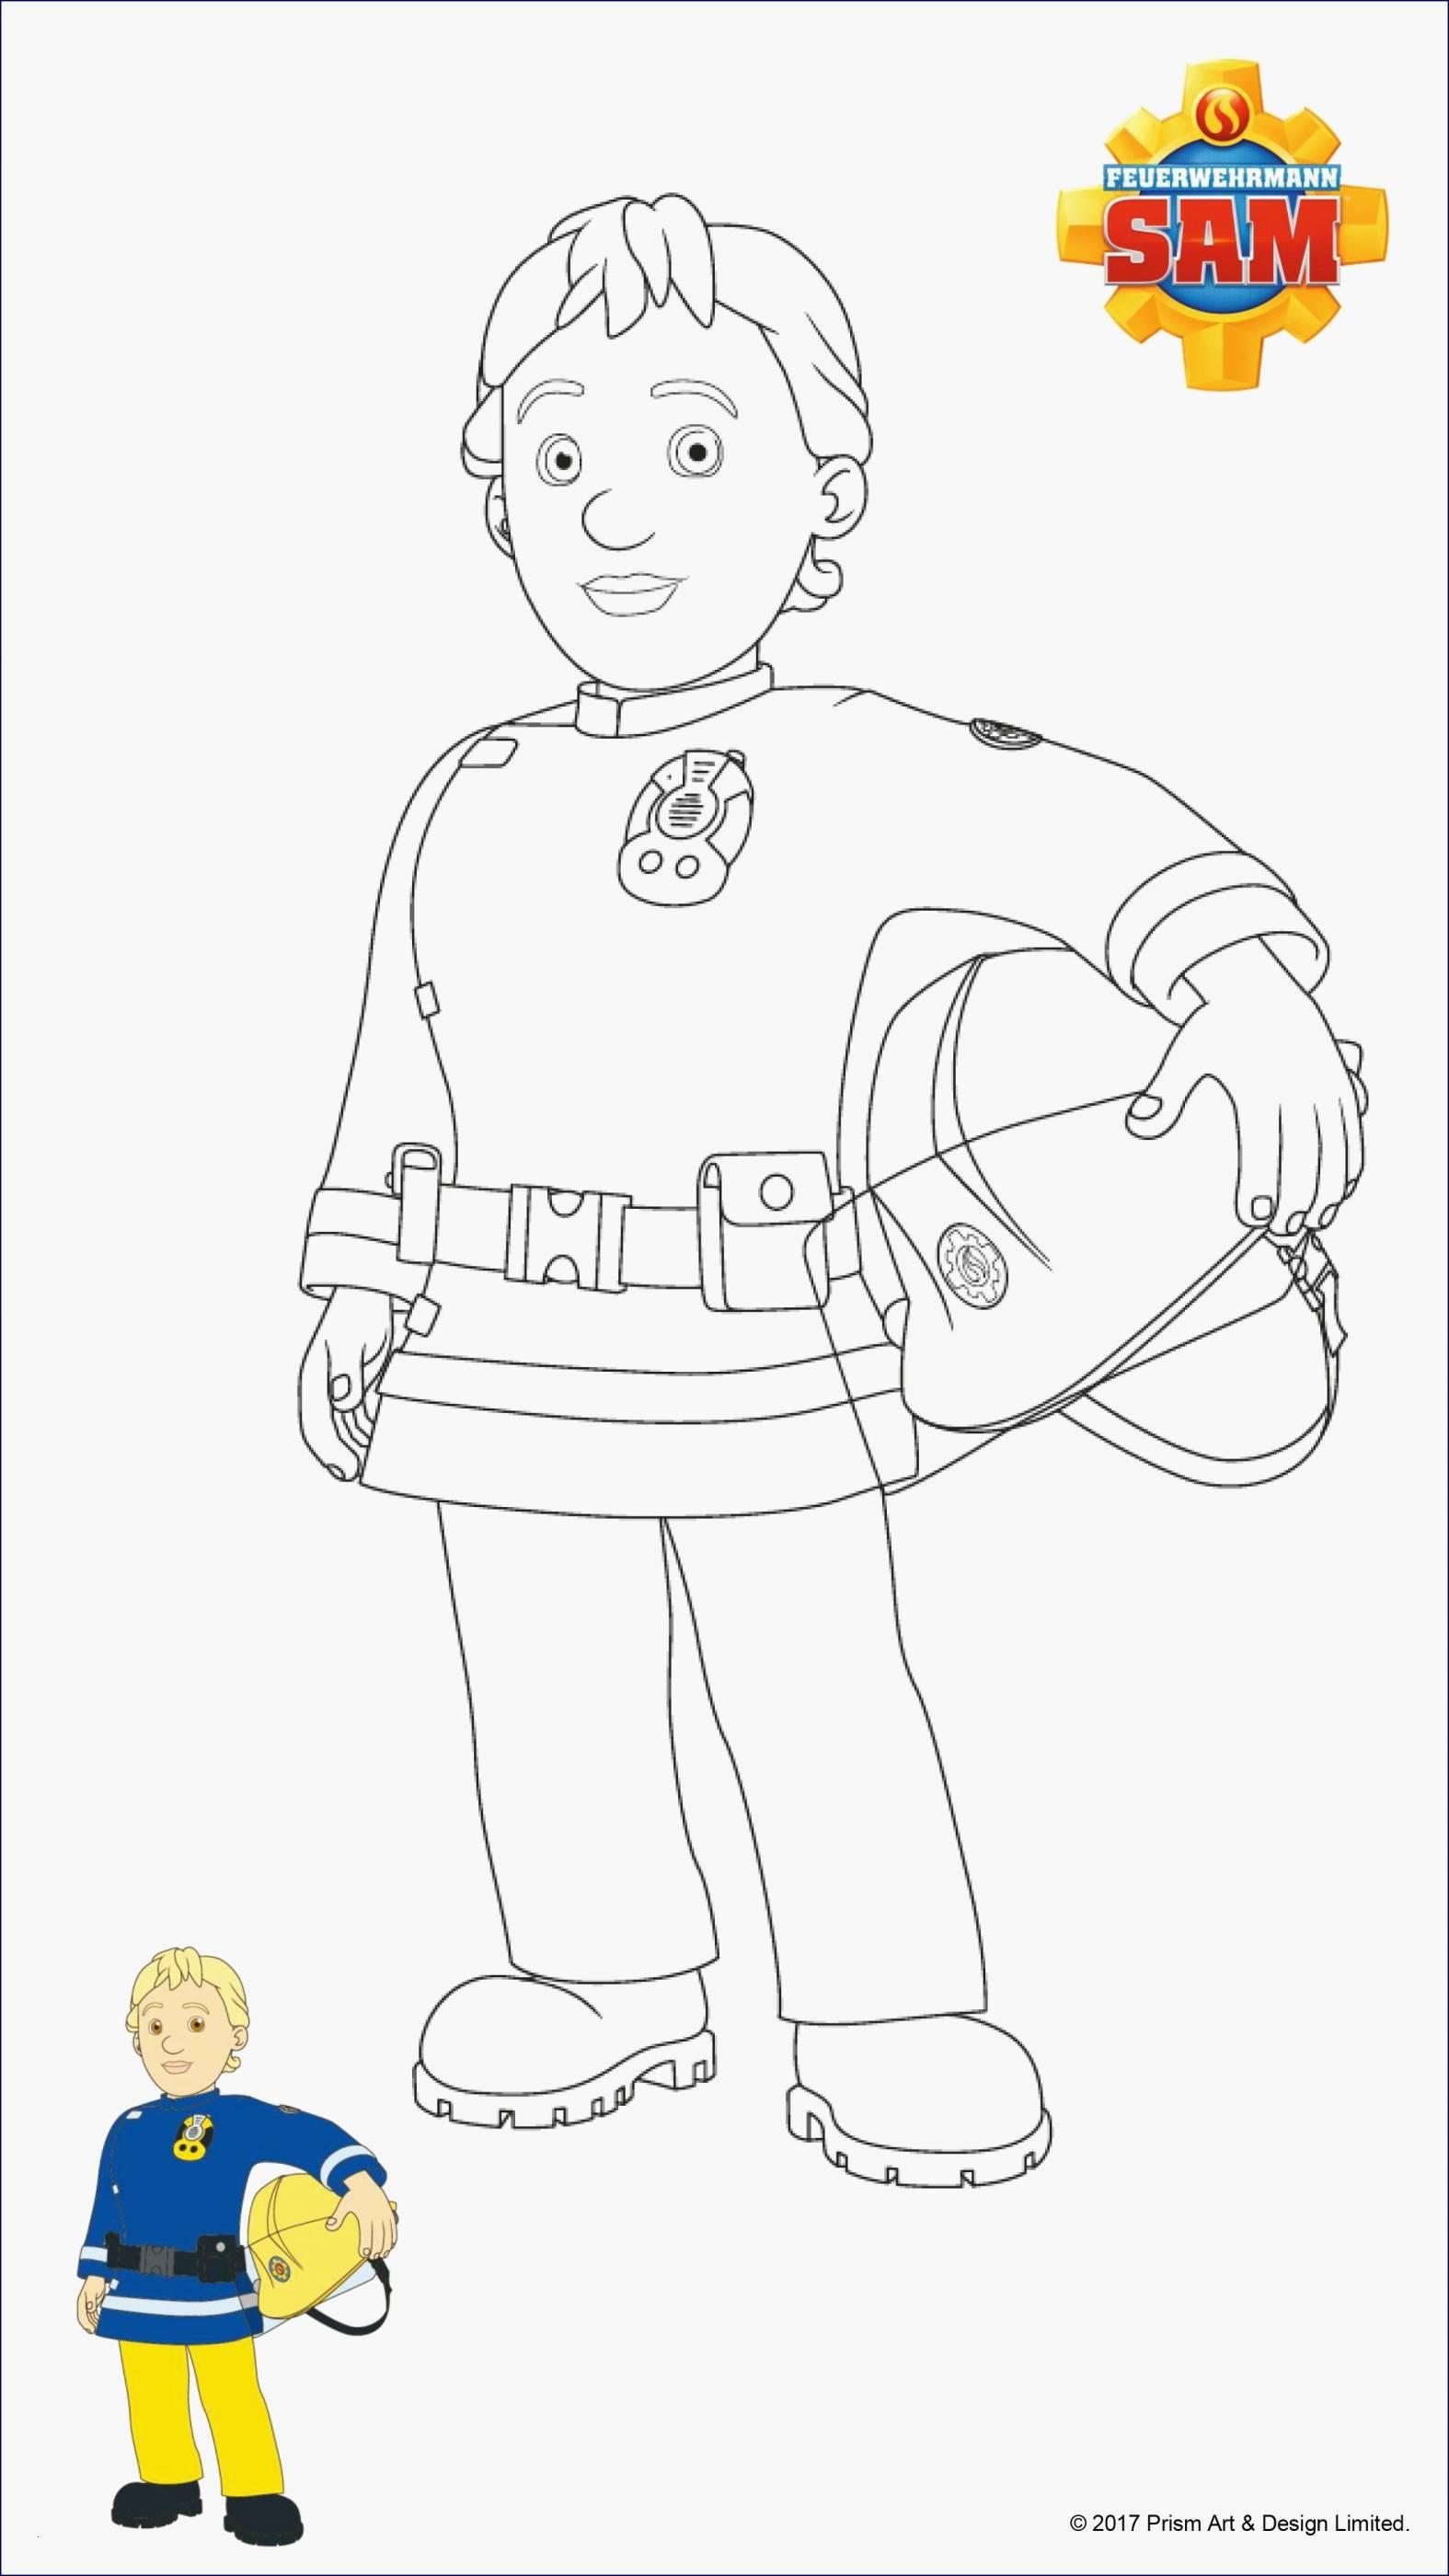 Feuerwehrmann Sam Ausmalbild Das Beste Von 40 Ausmalbilder Sam Der Feuerwehrmann forstergallery Galerie